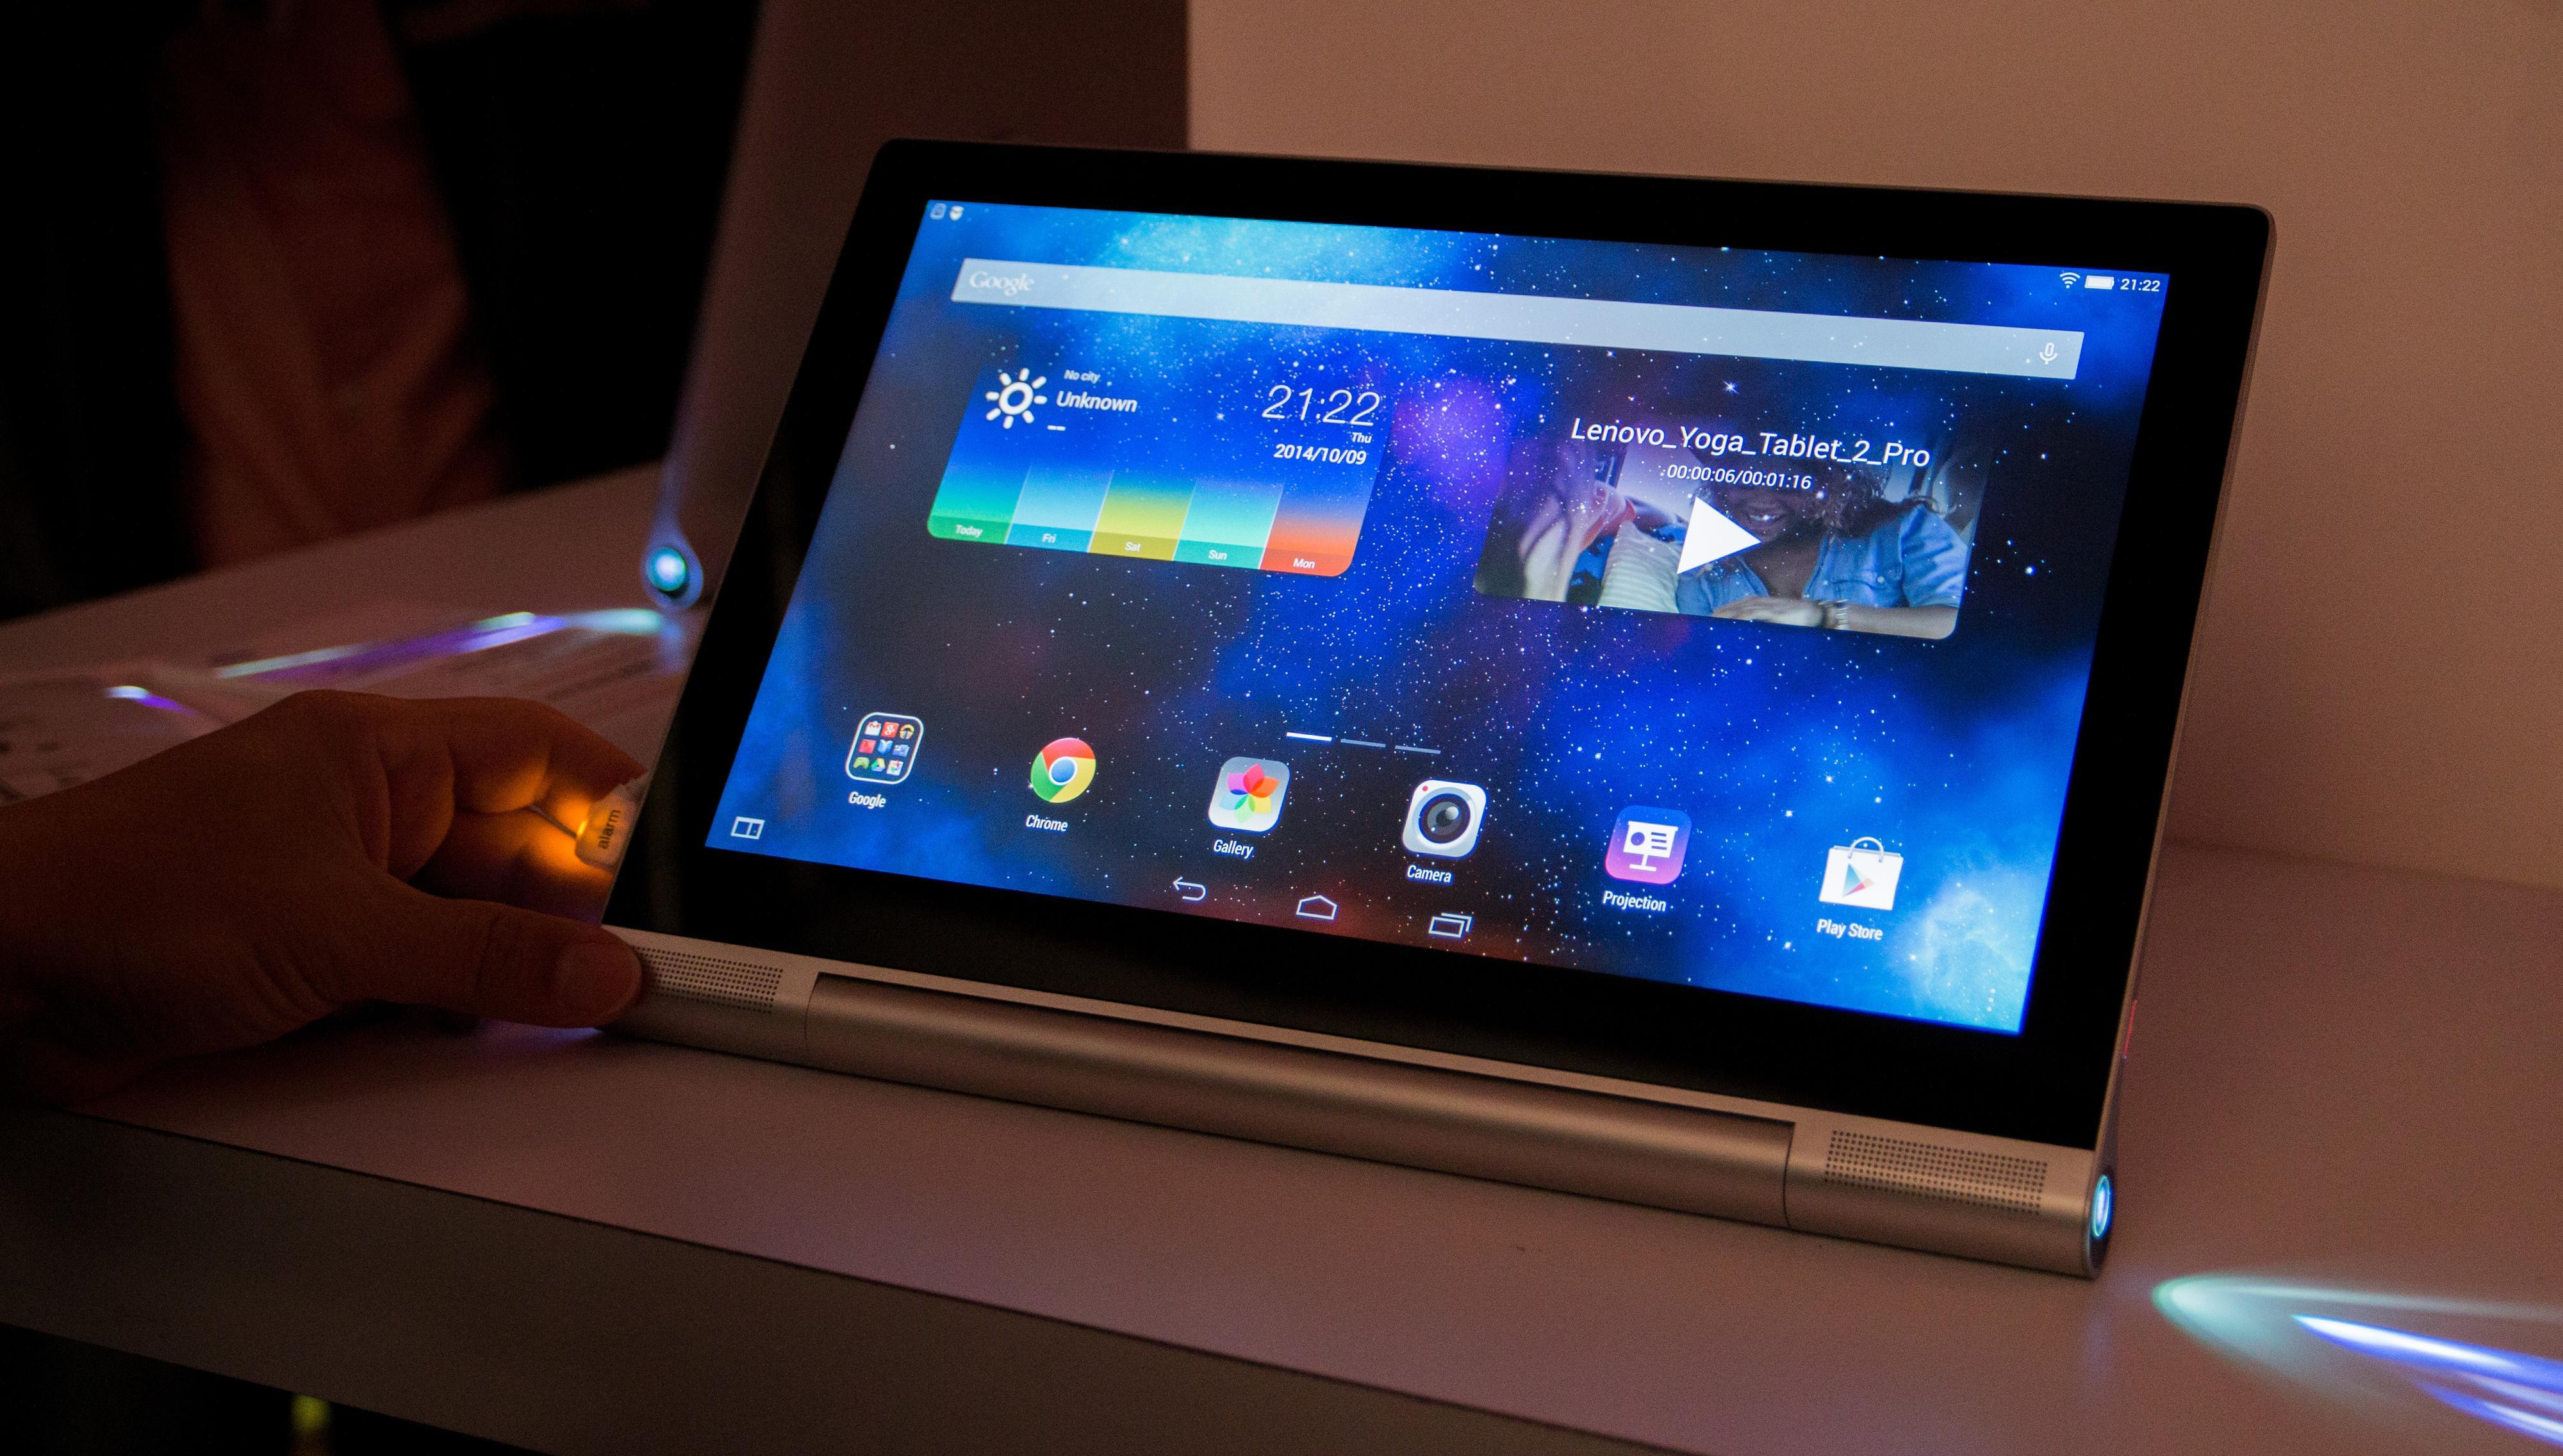 Skjermen på Yoga Tablet 2 Pro har en oppløsning på 2560 x 1440 og gjør seg nok godt til både Internett-surfing og å se film på – om da ikke projektoren får oppgaven.